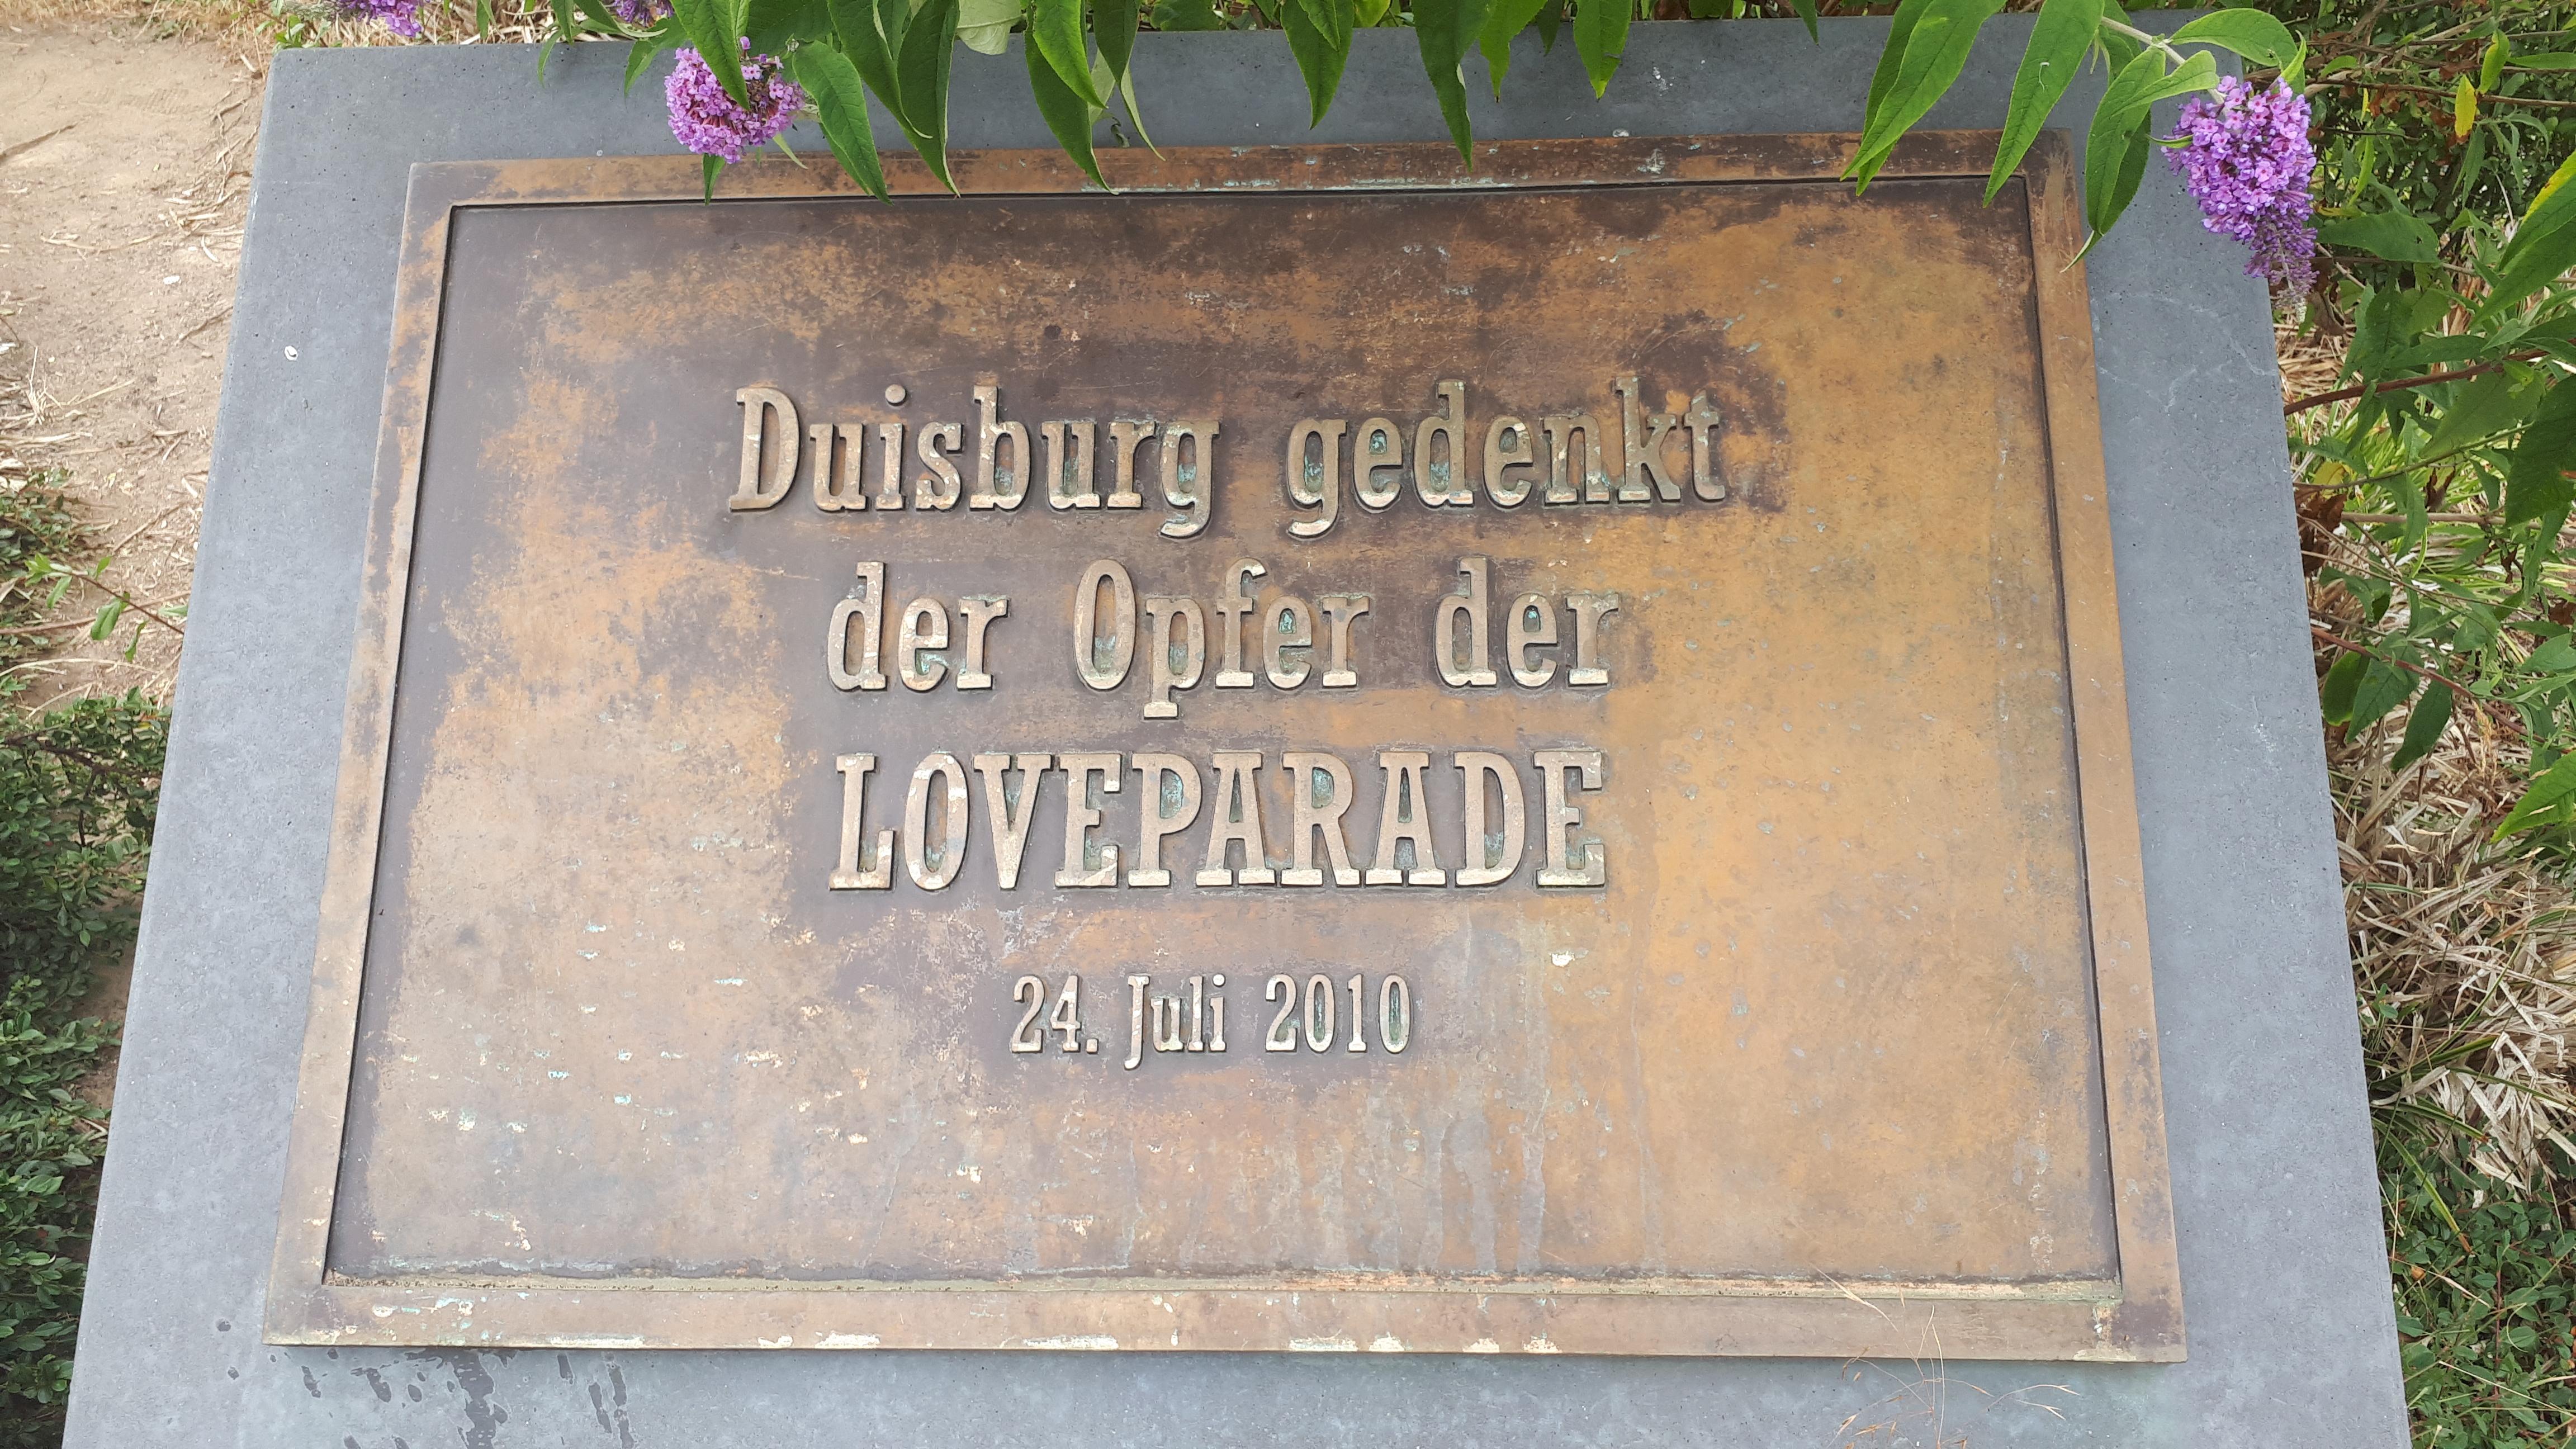 9 Jahre Loveparade-Katastrophe: Wie steht es um die Aufarbeitung?